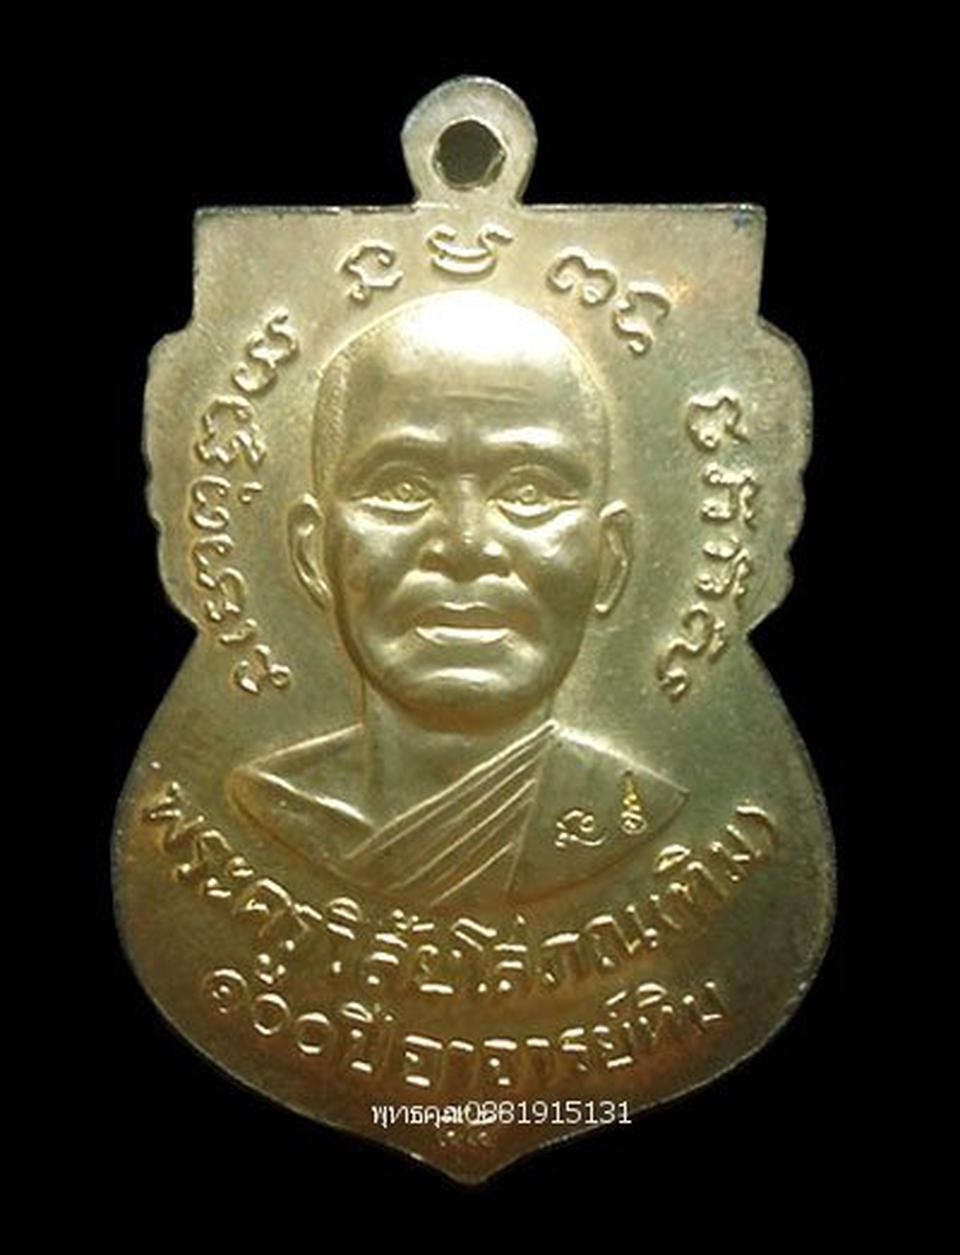 เหรียญหลวงปู่ทวด 100ปี อาจารย์ทิม วัดช้างให้ ปัตตานี 2555 รูปที่ 4